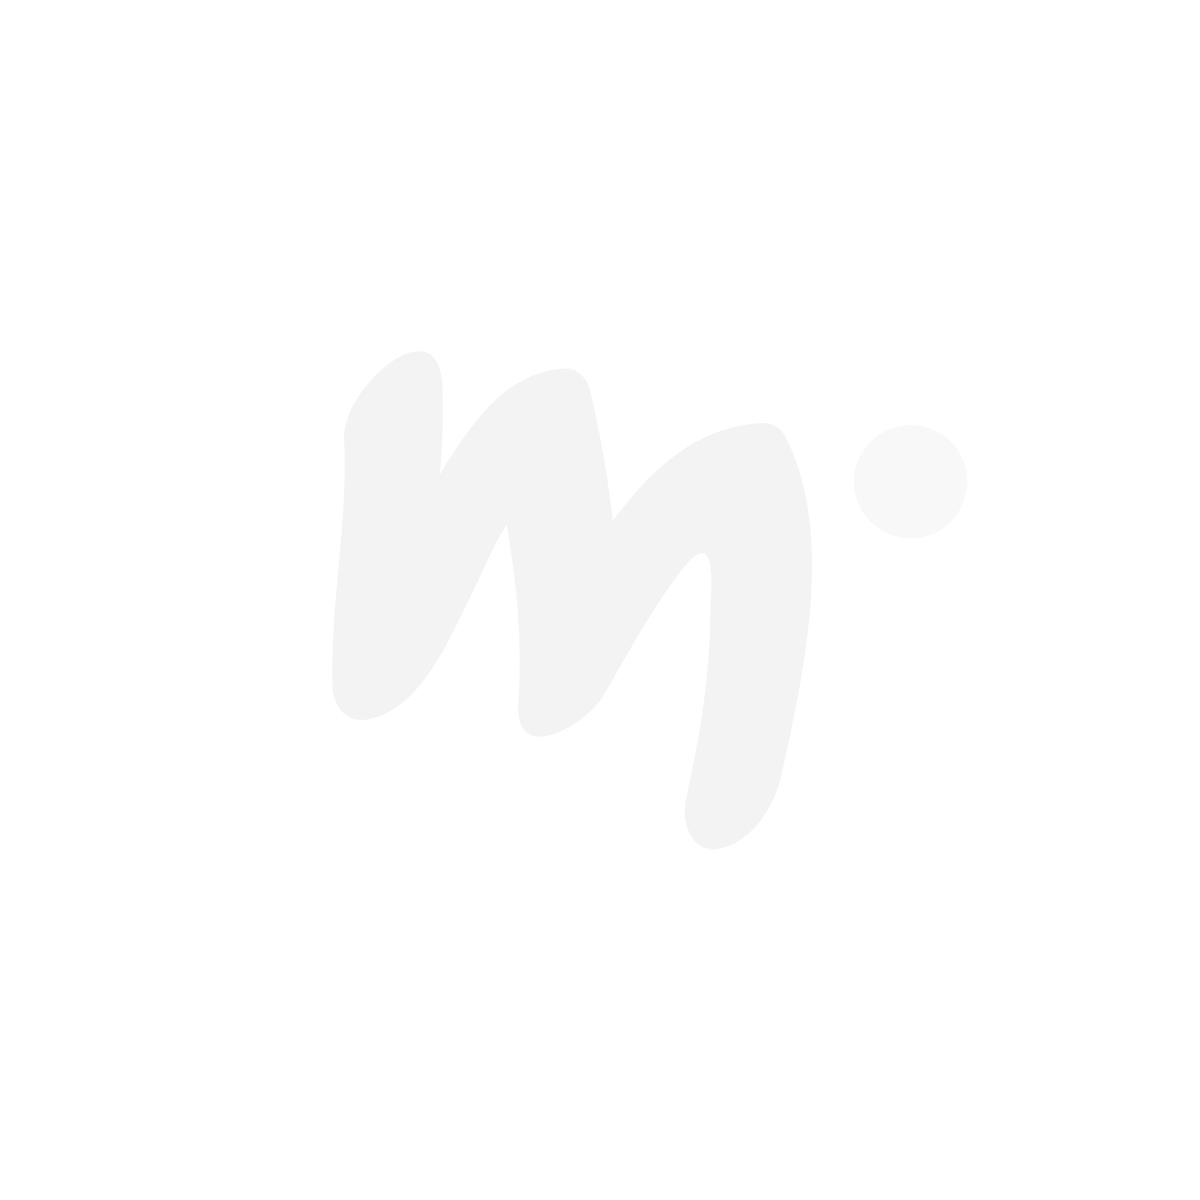 Muumi Hilpeys-purkki punainen